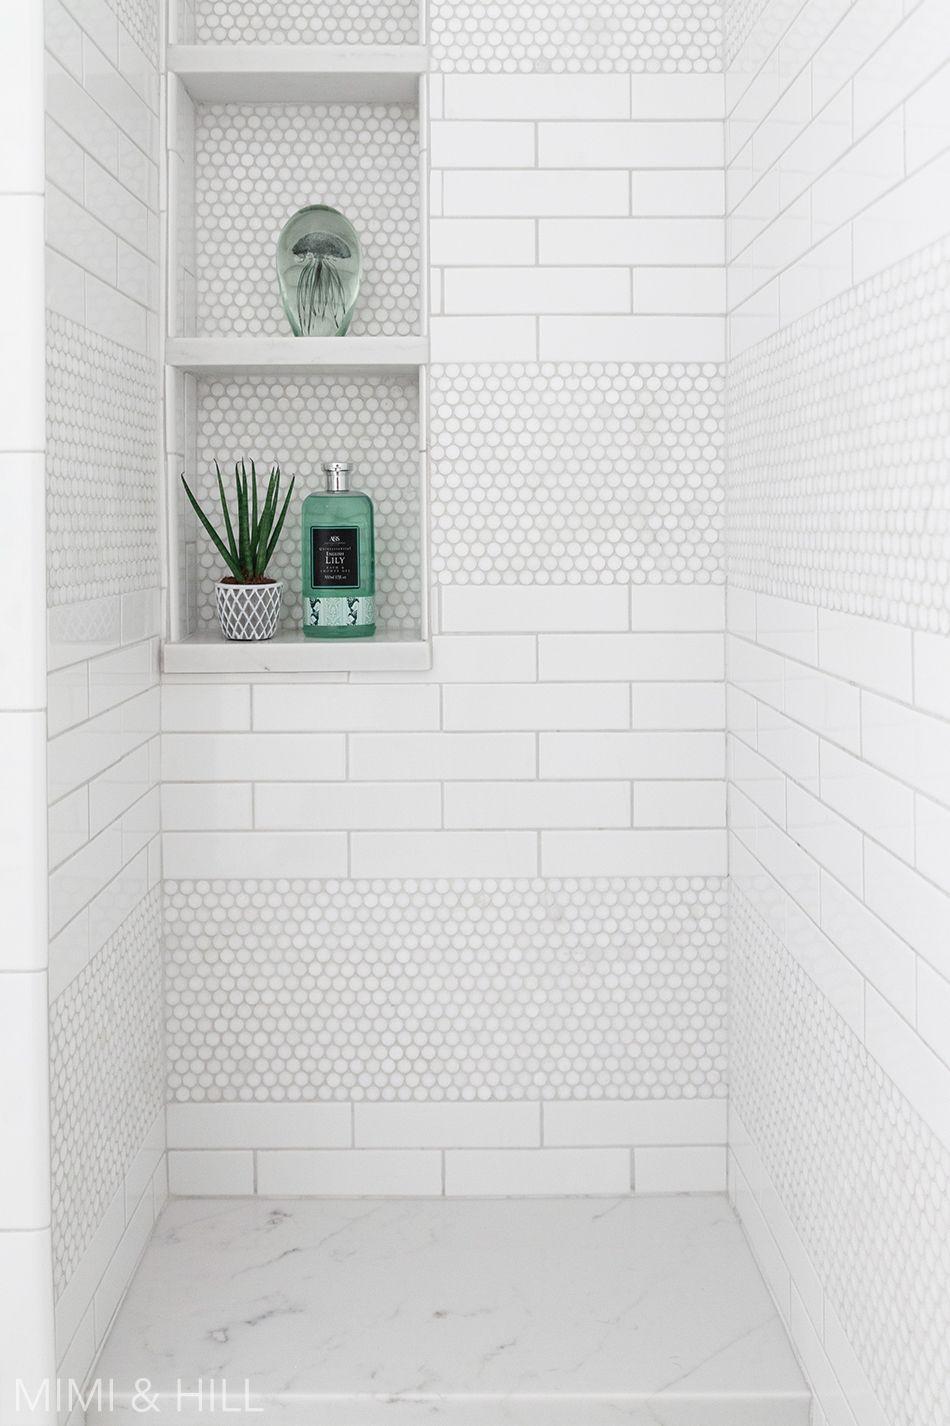 Bathroom Shower Subway Penny Tile Bathroomdesignusingsubwaytiles Penny Tiles Bathroom Shower Tile Designs Shower Tile